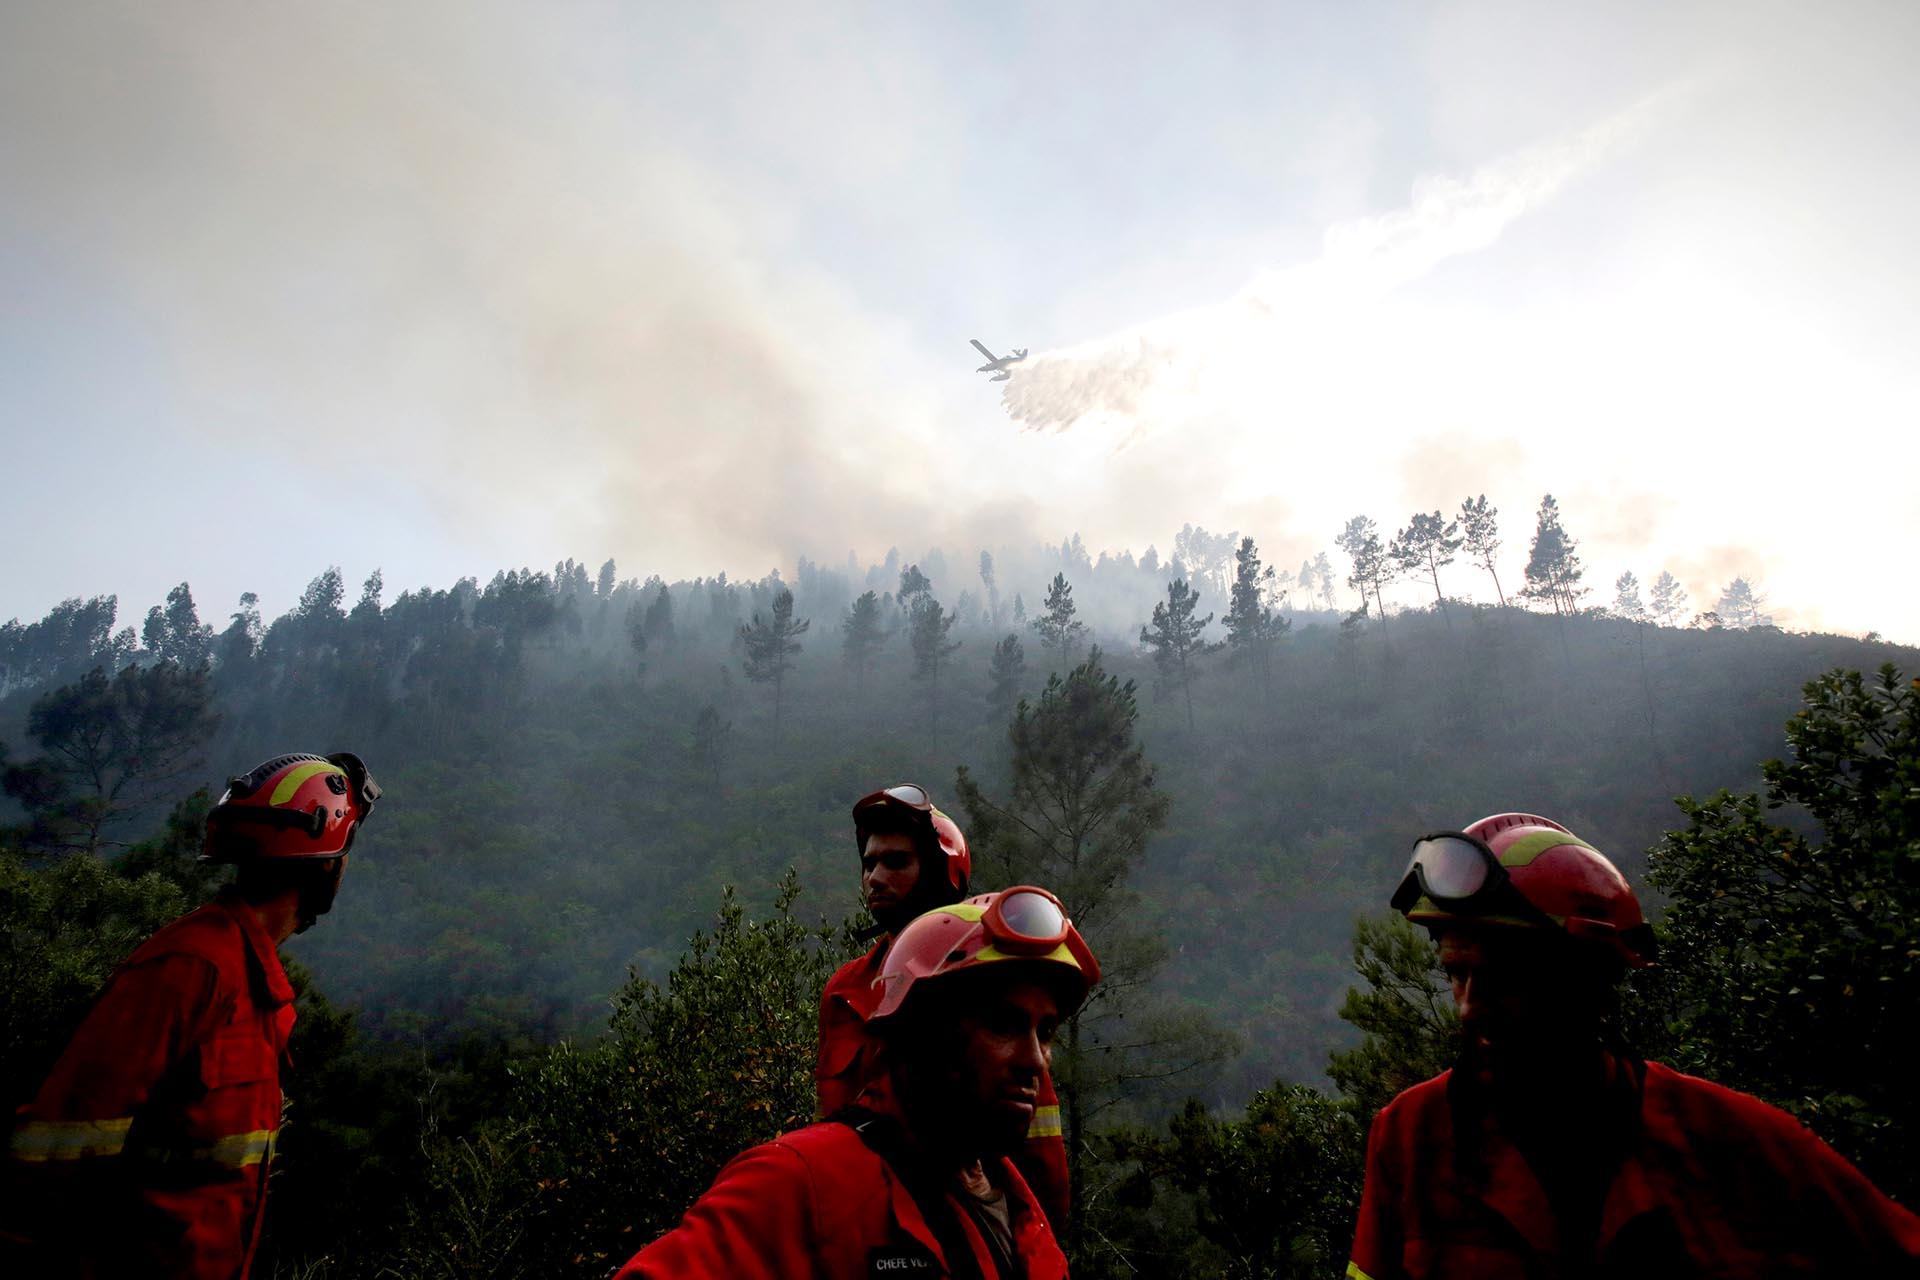 Cuatro bomberos exhaustos tras luchar contra el fuego en Mendeira, Portugal